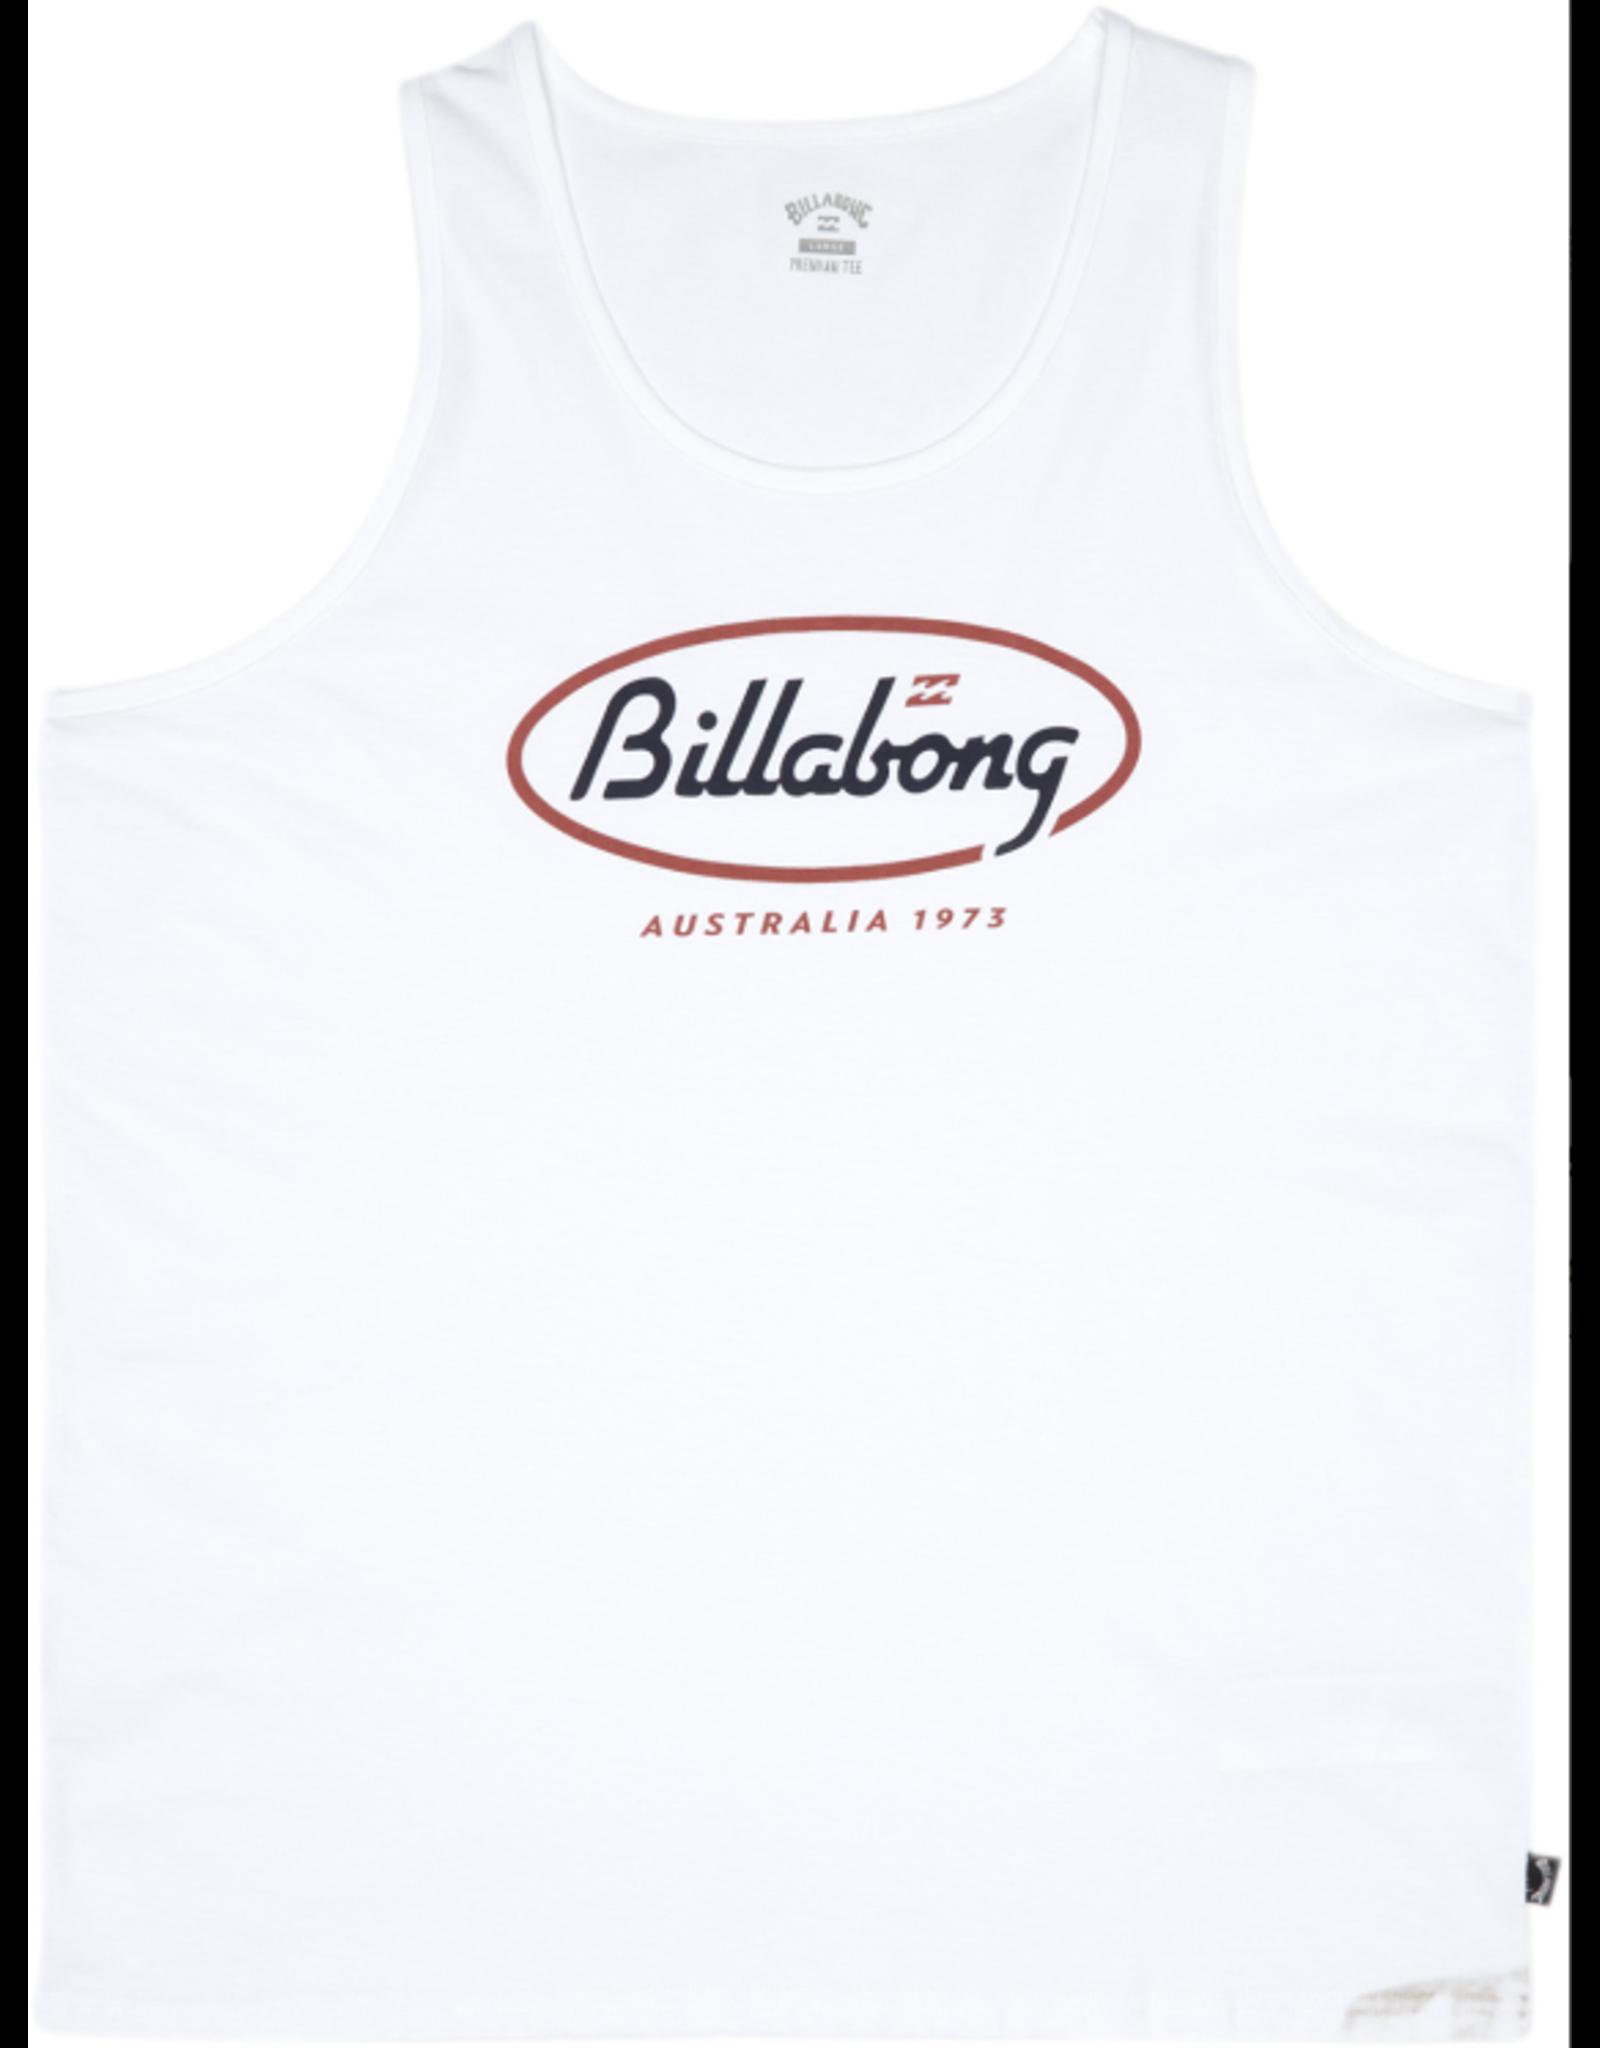 Billabong Billabong State Beach Tank Top